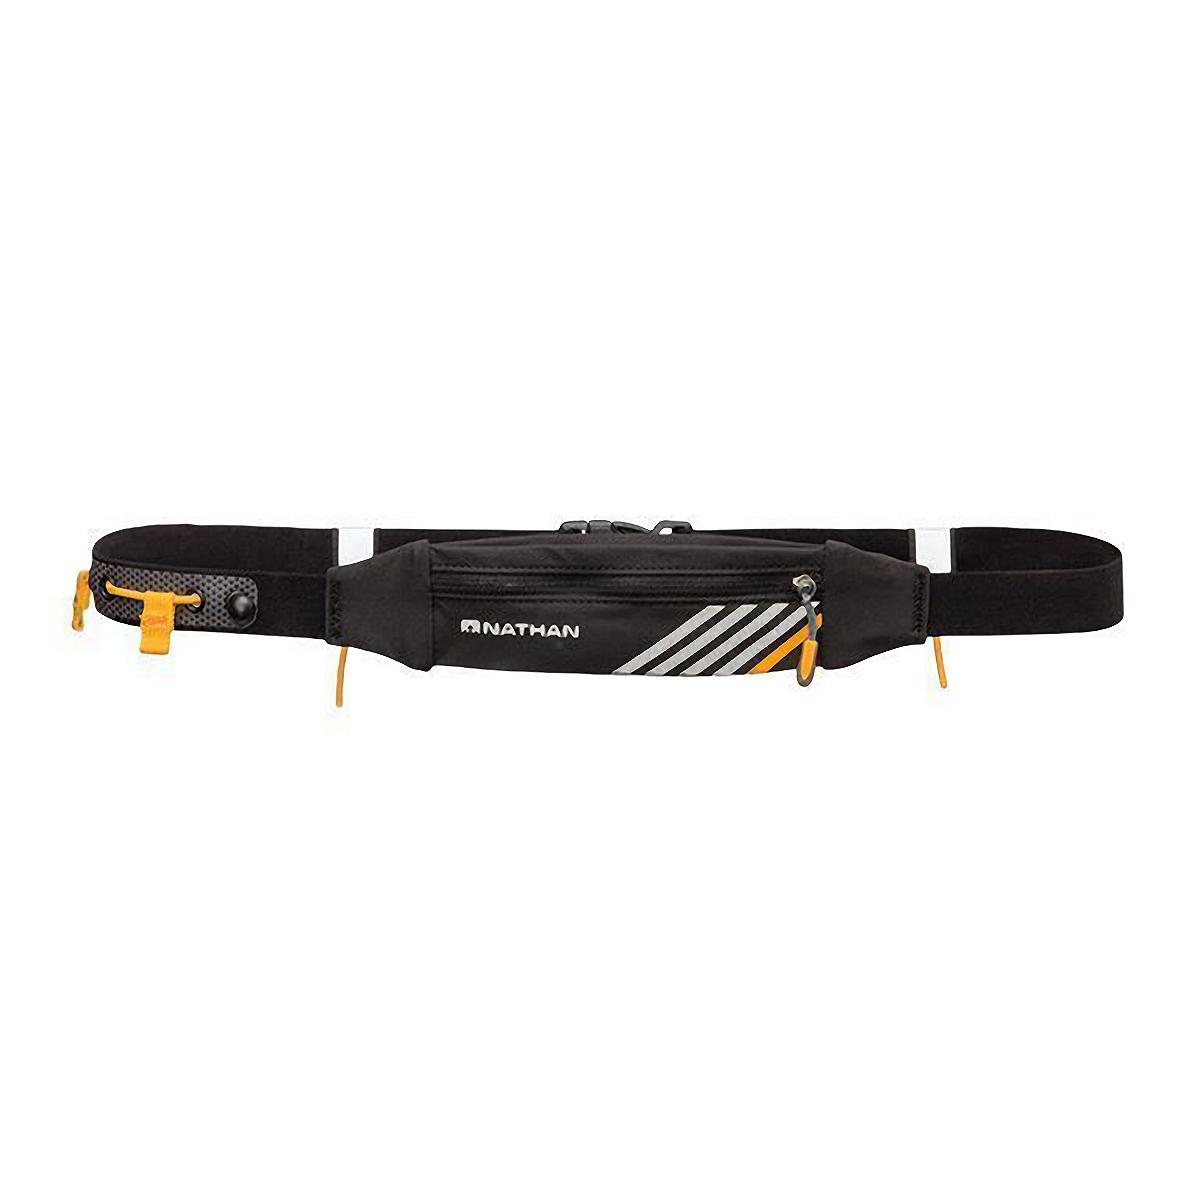 Nathan Lightspeed Pak Belt - Color: Black - Size: One Size, Black, large, image 1